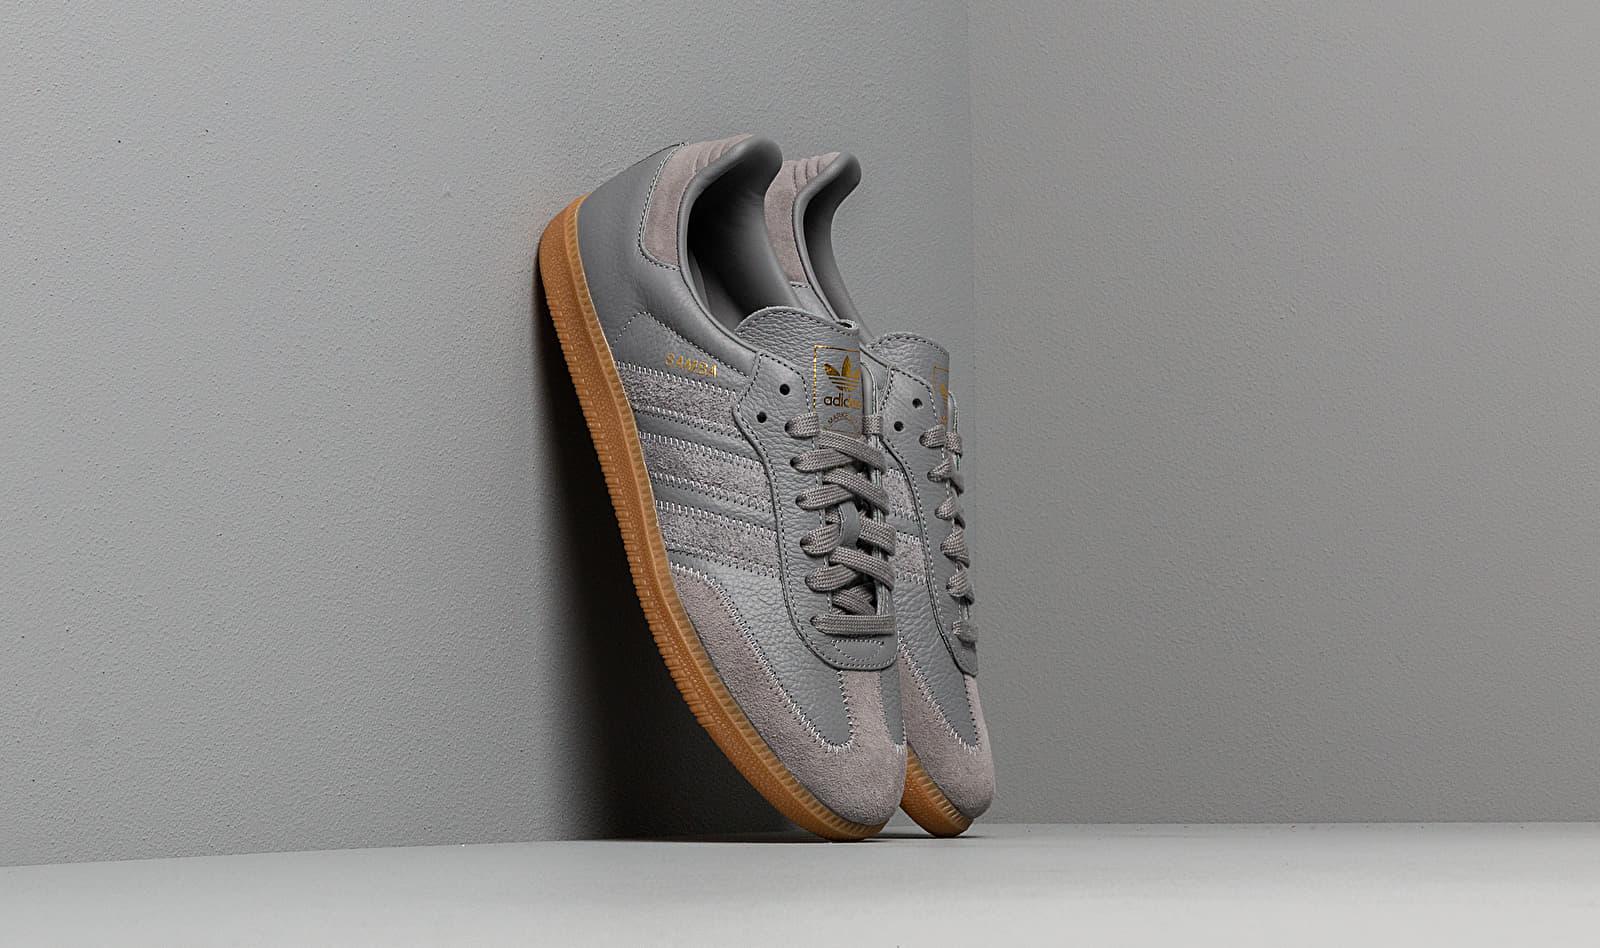 adidas Samba OG Ft Grey Three/ Grey Three/ Gold Metalic BD7963